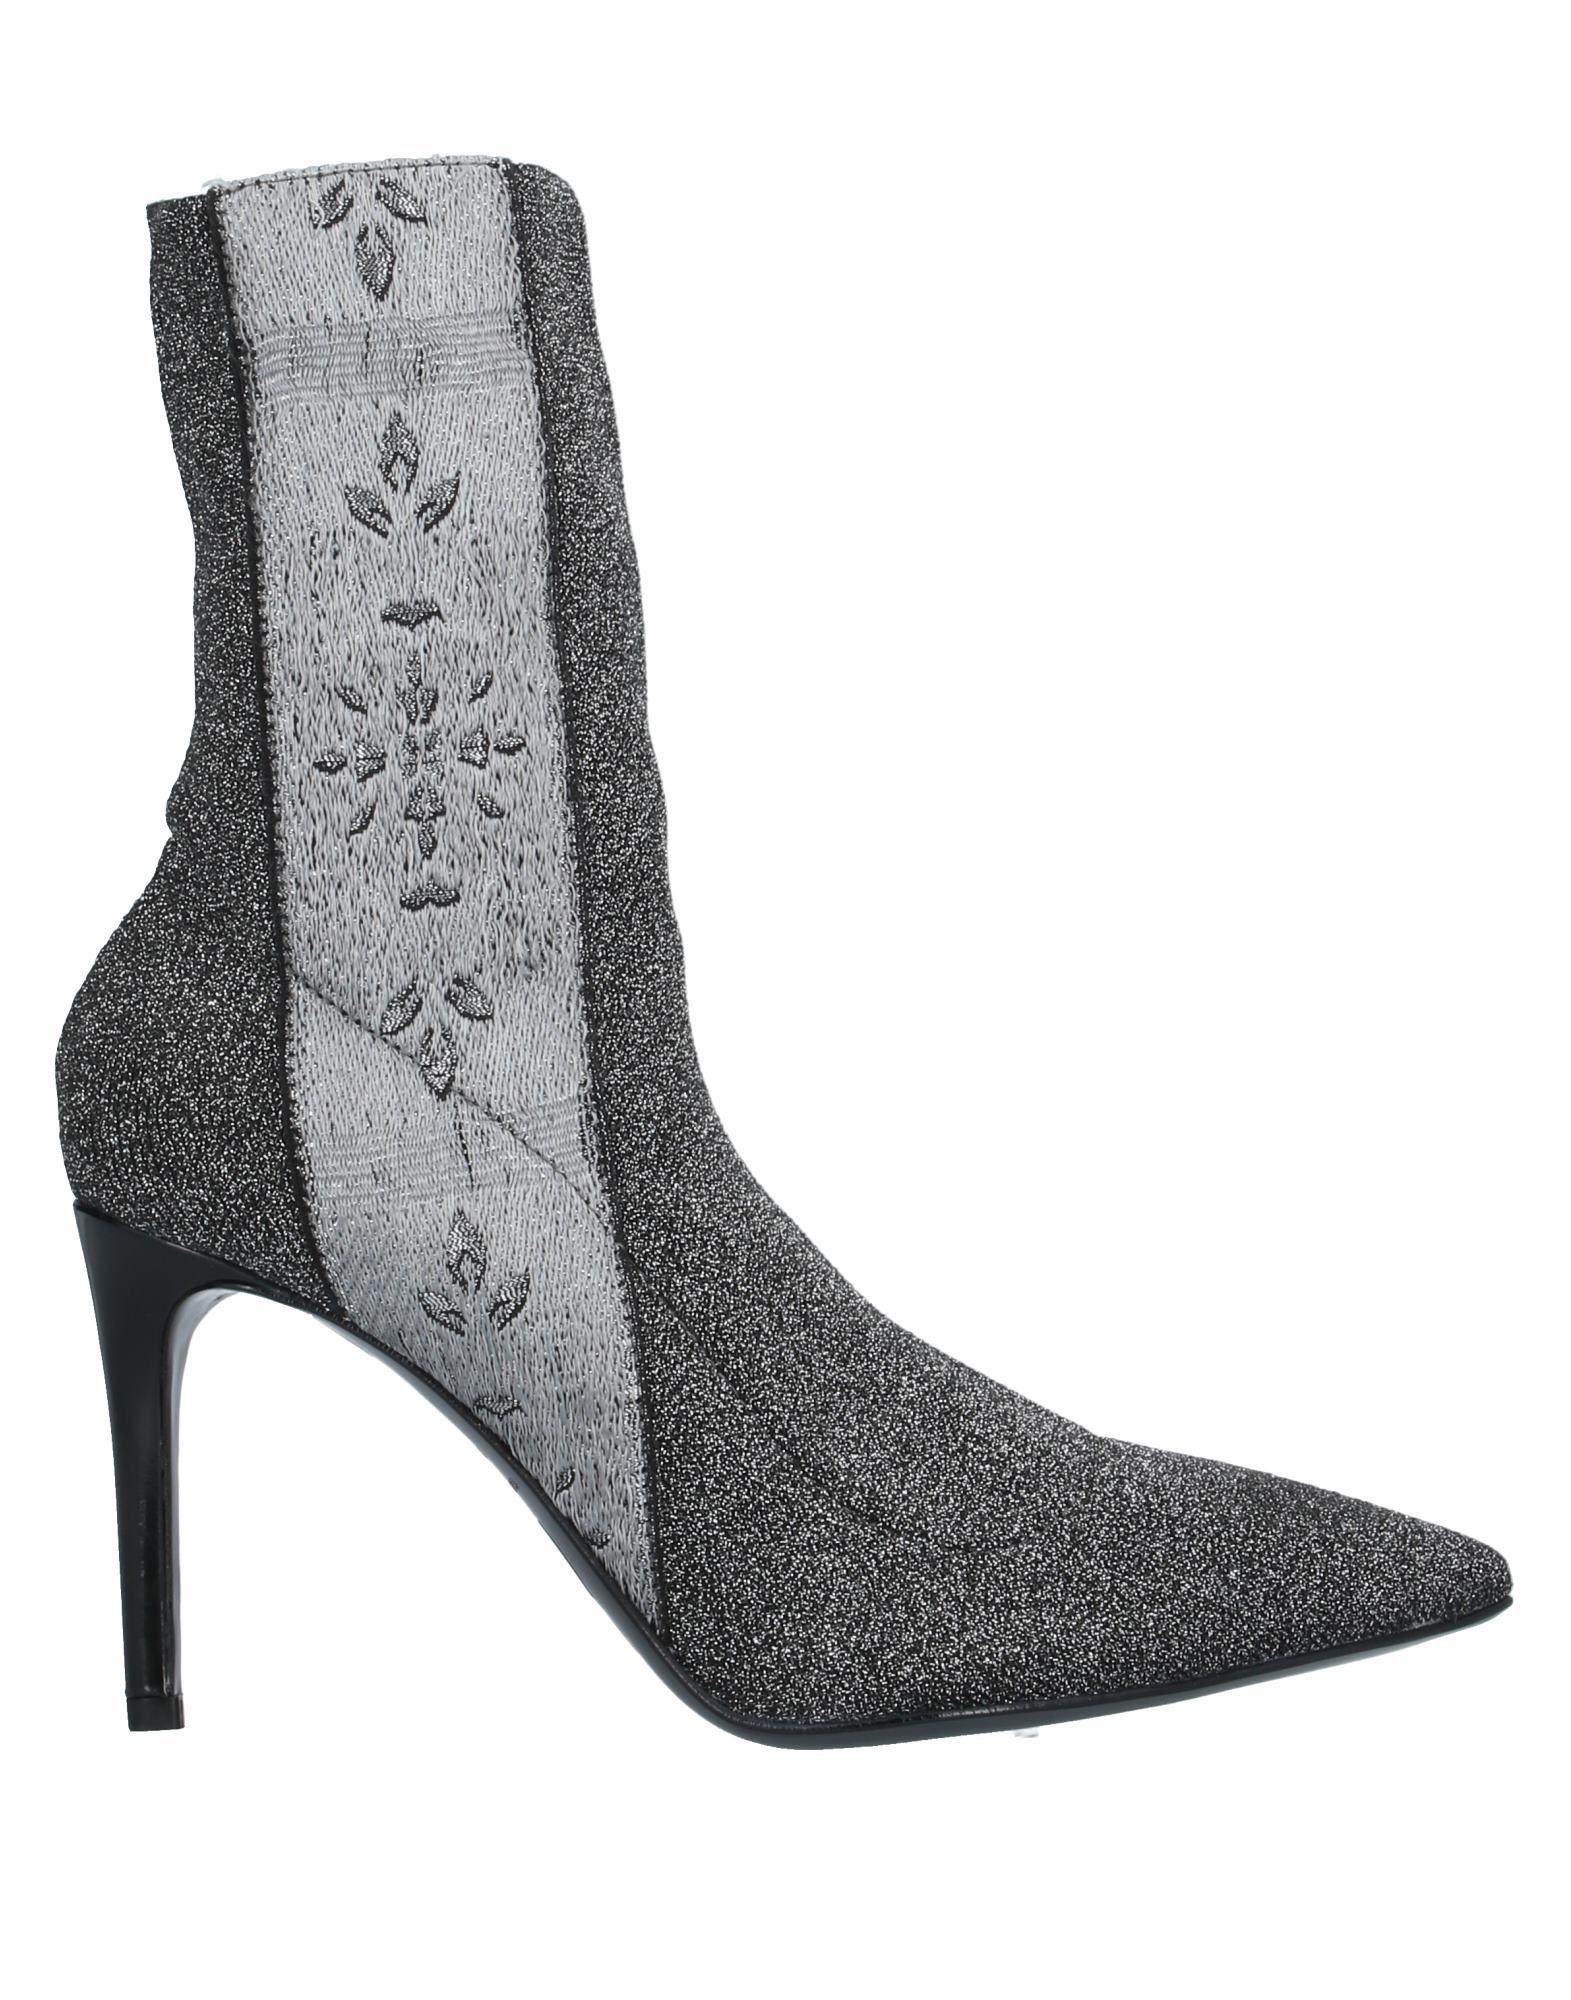 SGN GIANCARLO PAOLI Полусапоги и высокие ботинки sgn giancarlo paoli полусапоги и высокие ботинки